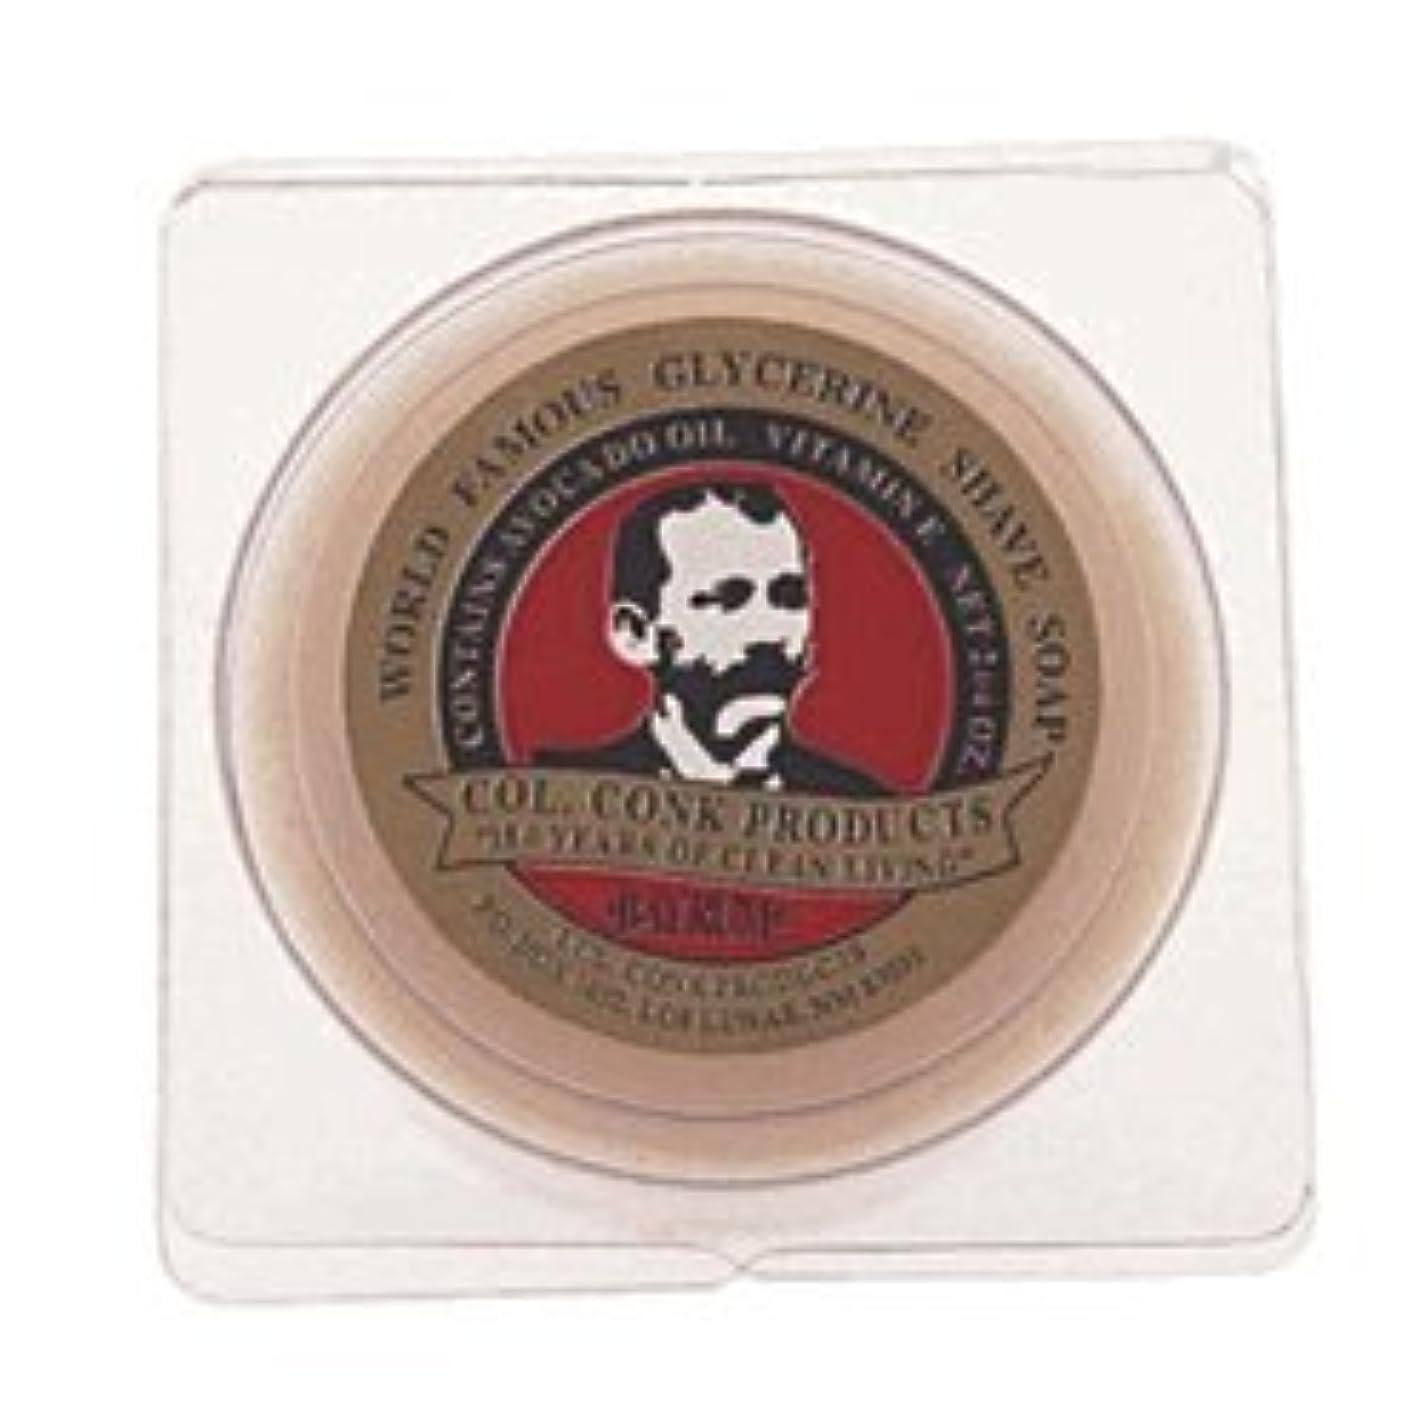 オペラ動機慣性Colonel Conk Glycerin Shave Soap Bay Rum (106g) [並行輸入品]